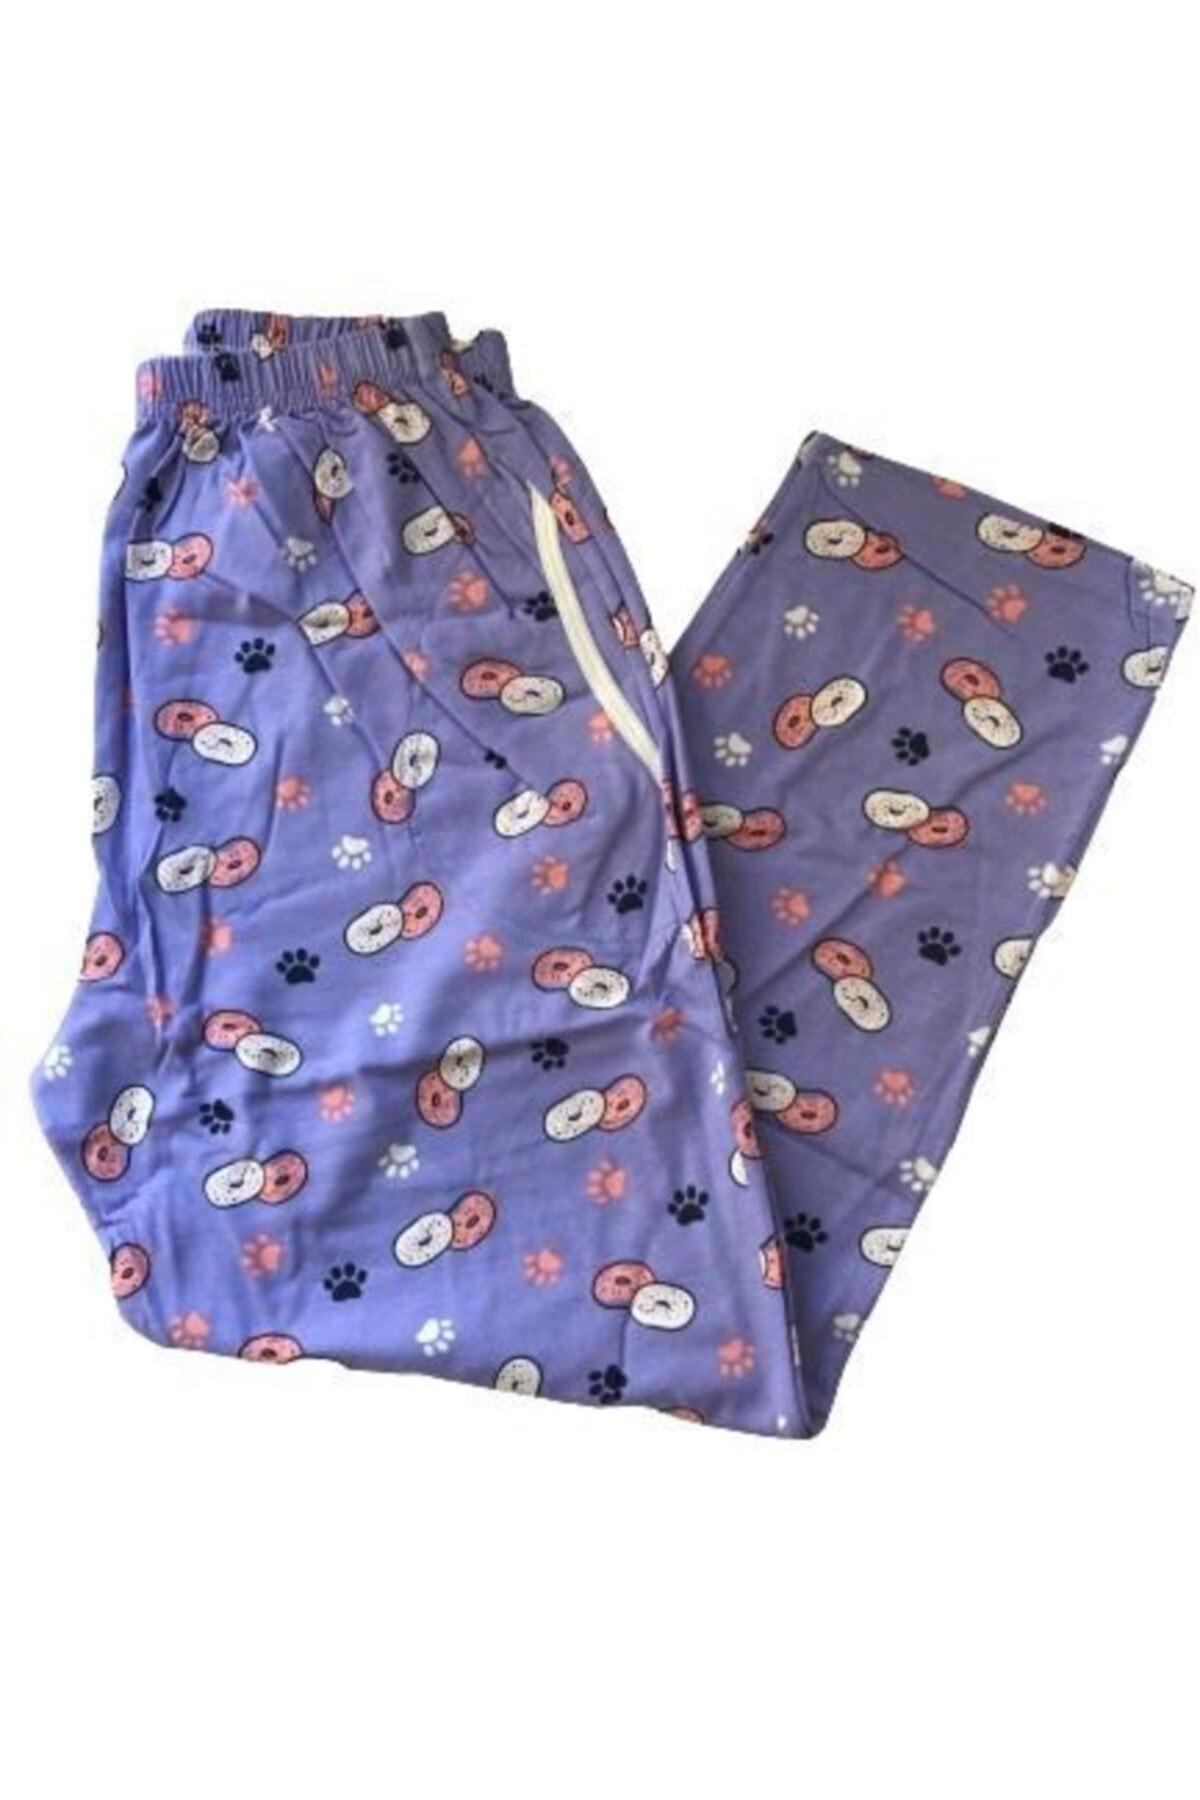 Pijamoni Kadın Mor Battal Pamuk Pijama Altı 1